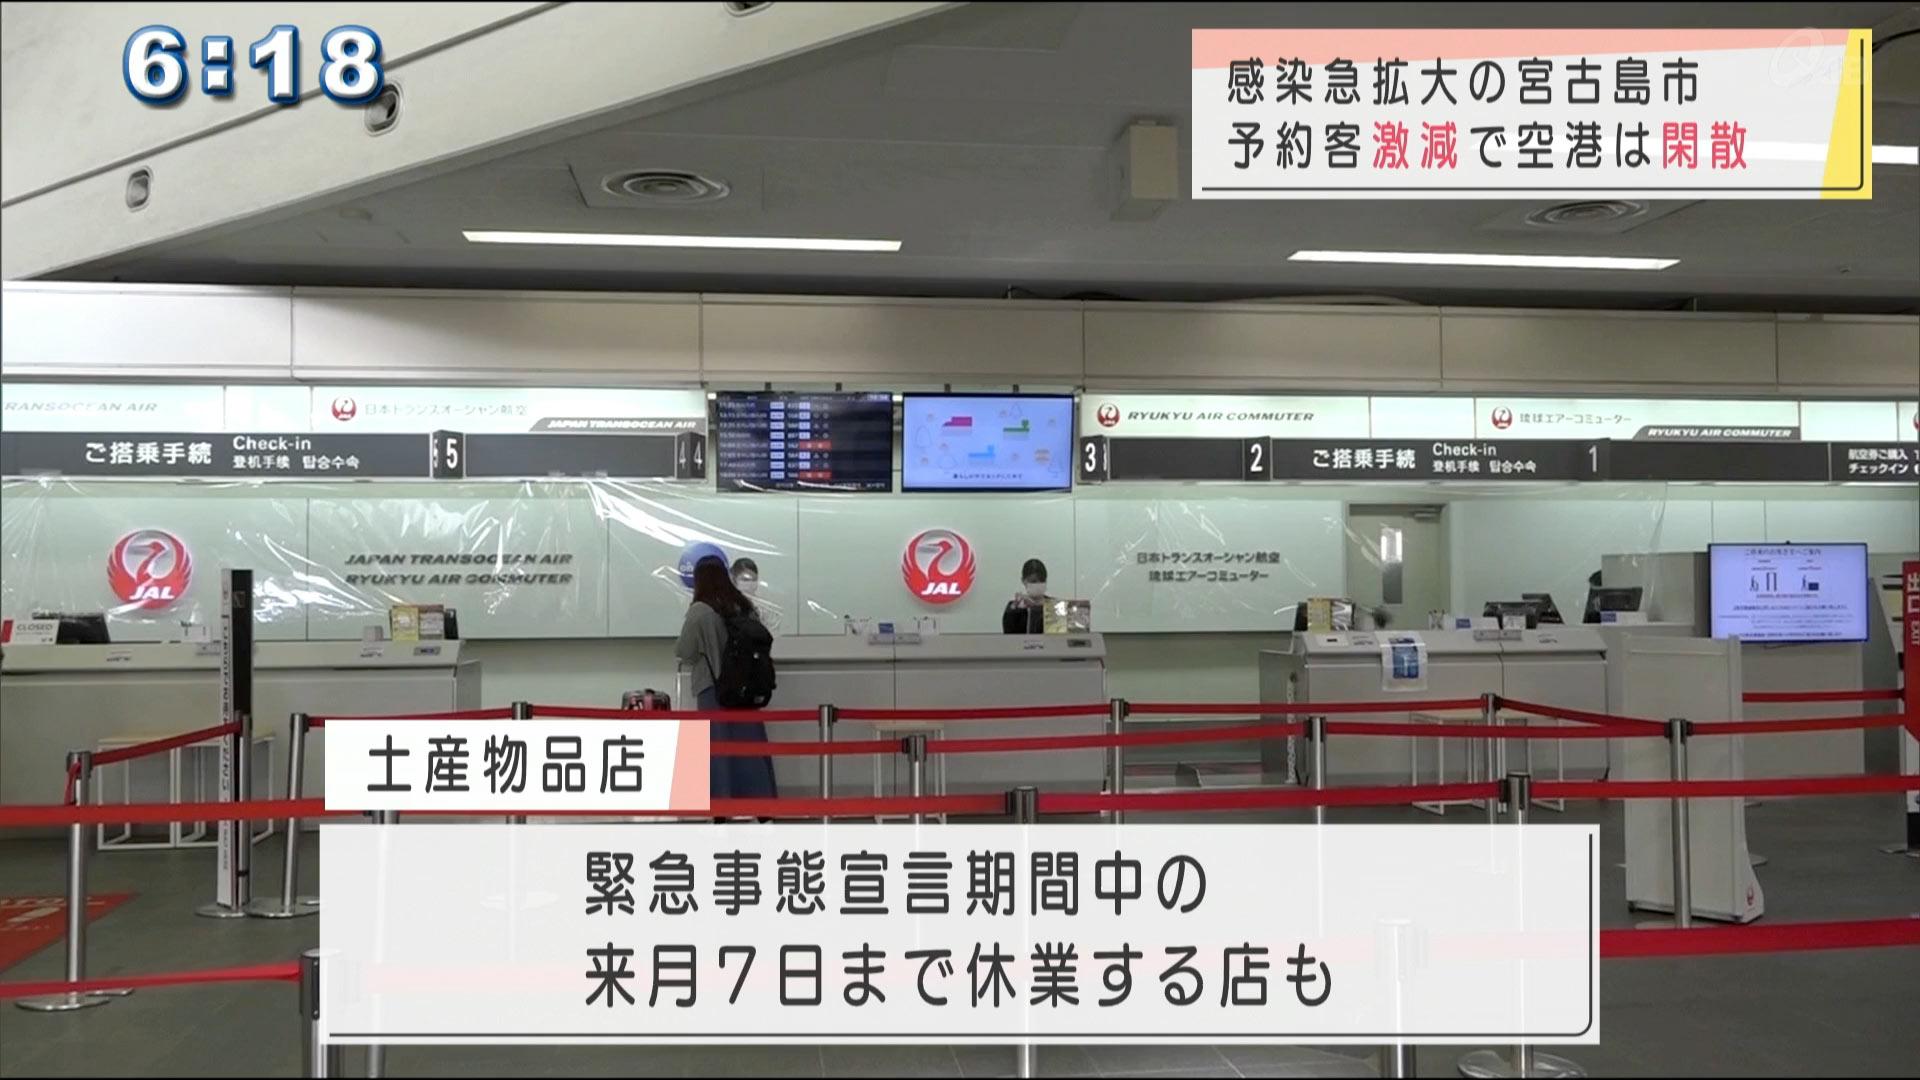 宮古島では空港が閑散と・・・